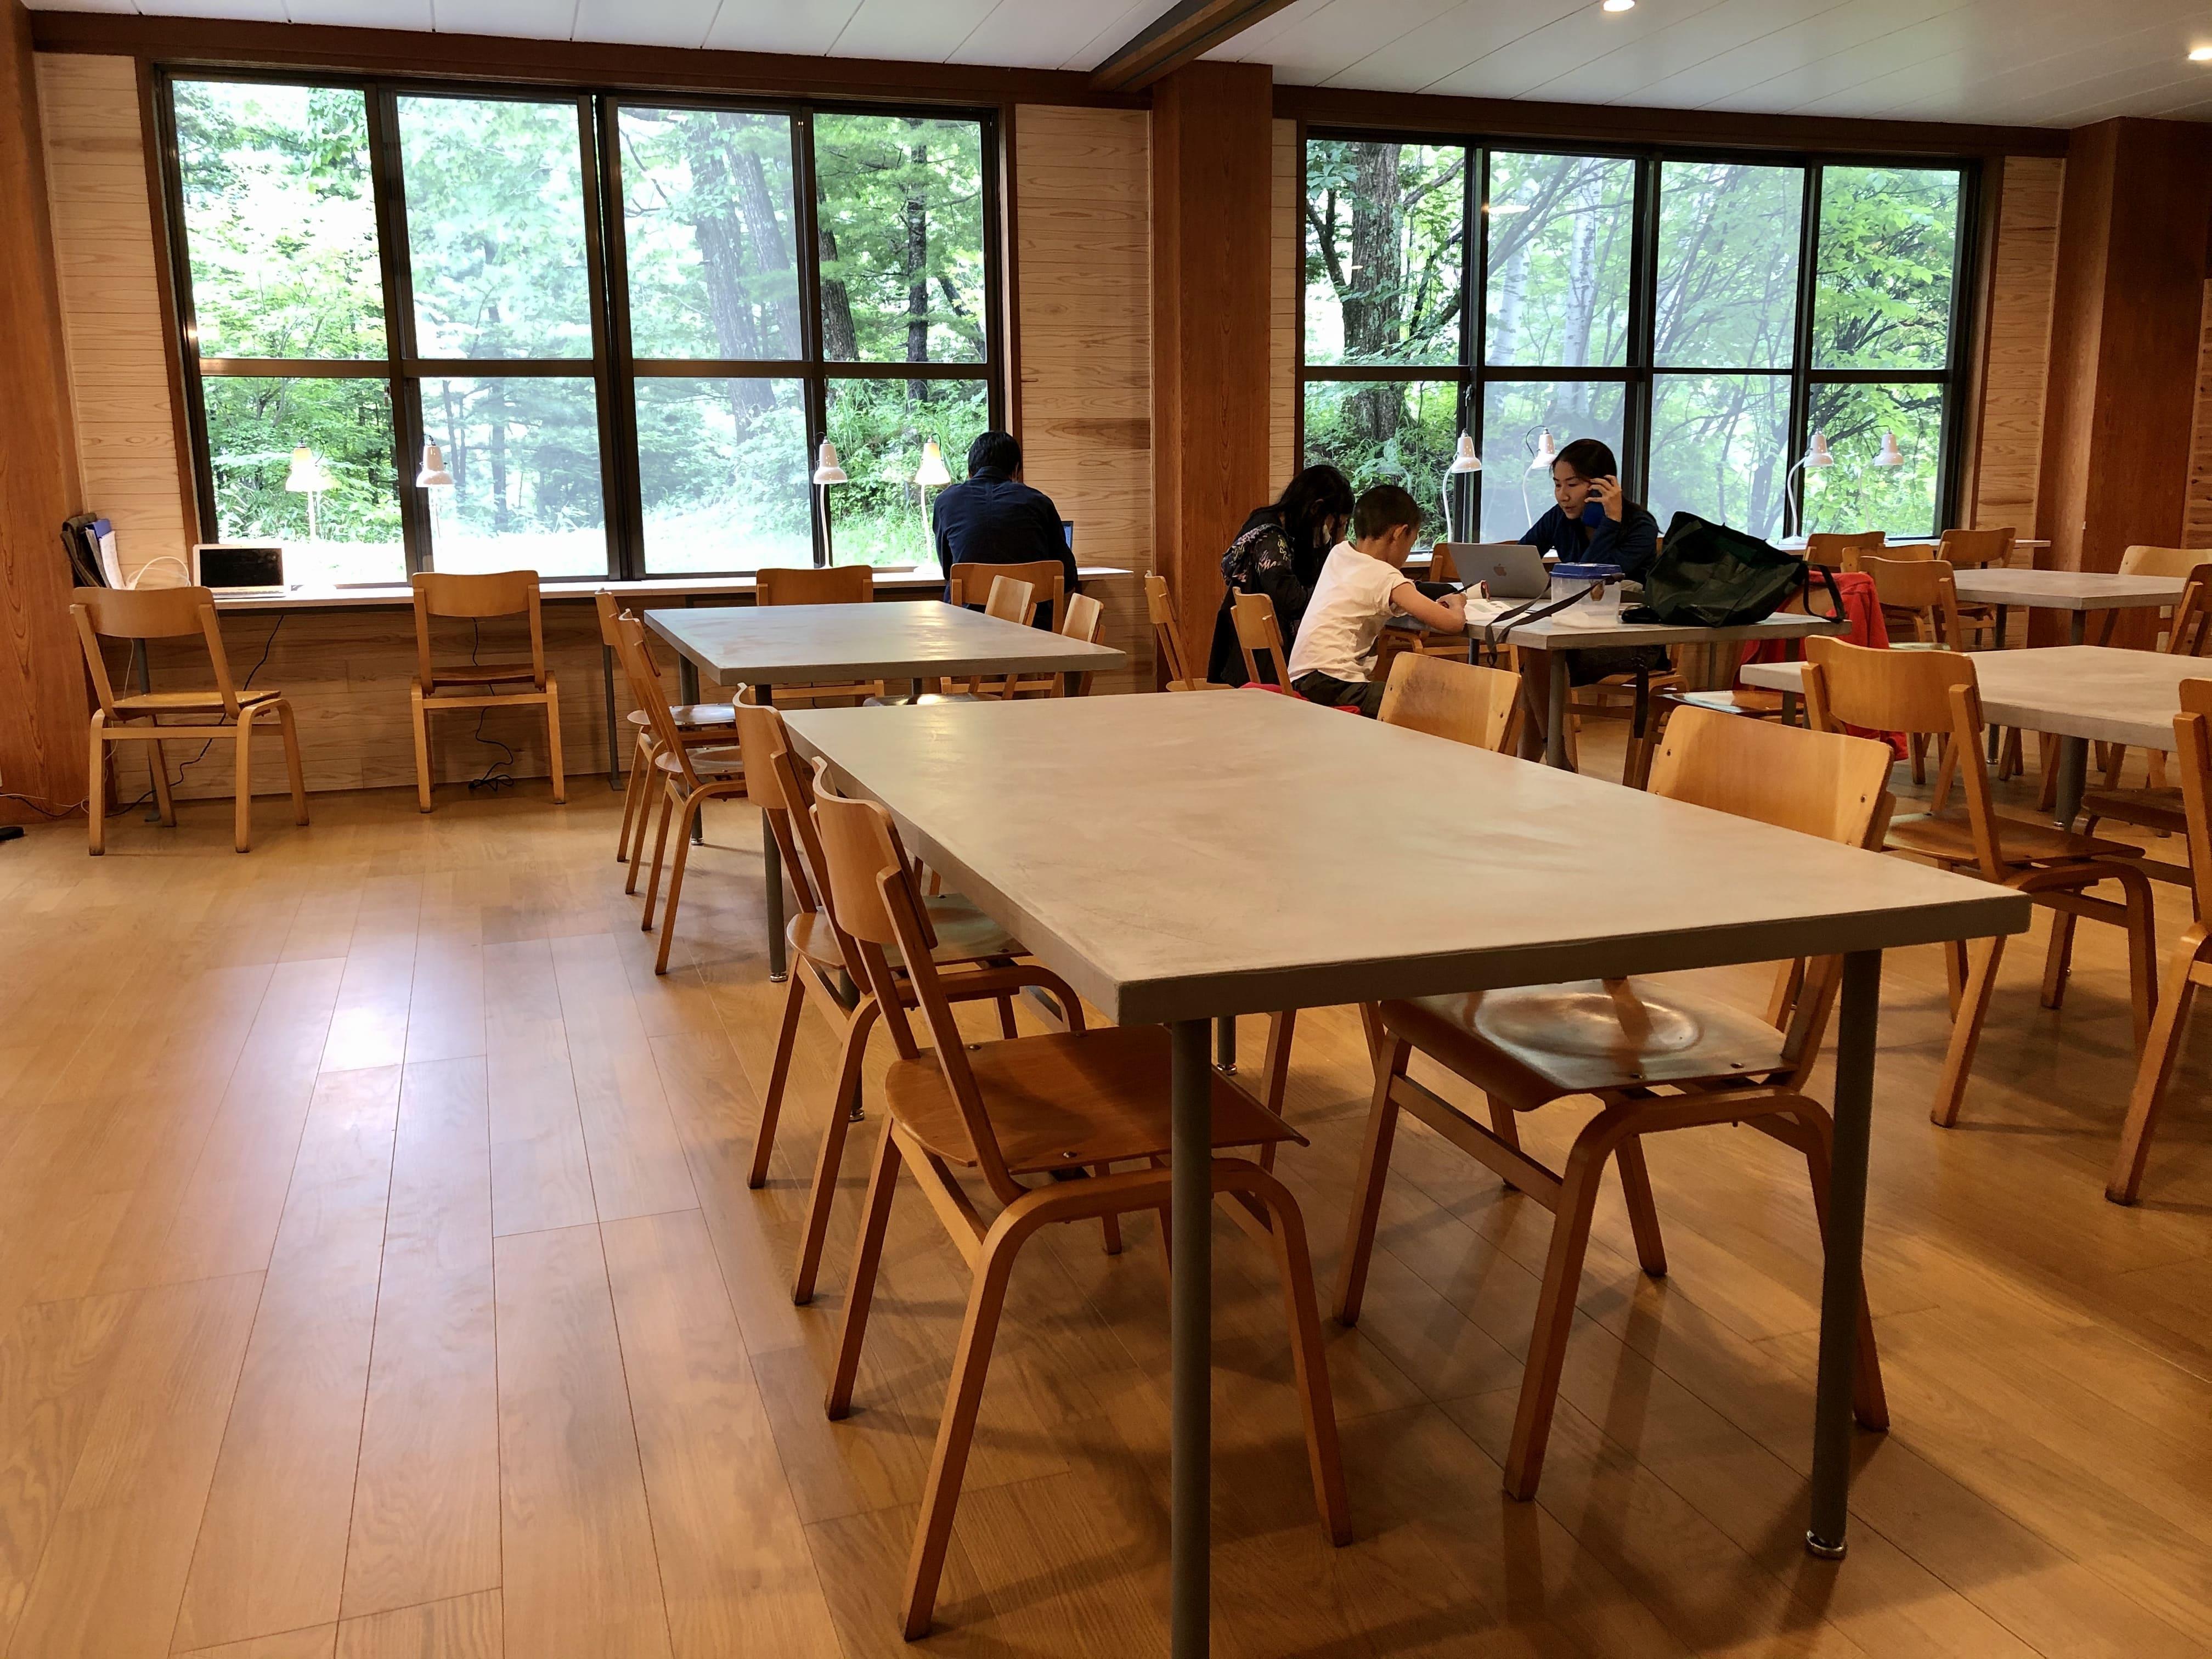 ワークスペース3:温泉の宿 ゲストハウス雷鳥 | Workations(ワーケーションズ)